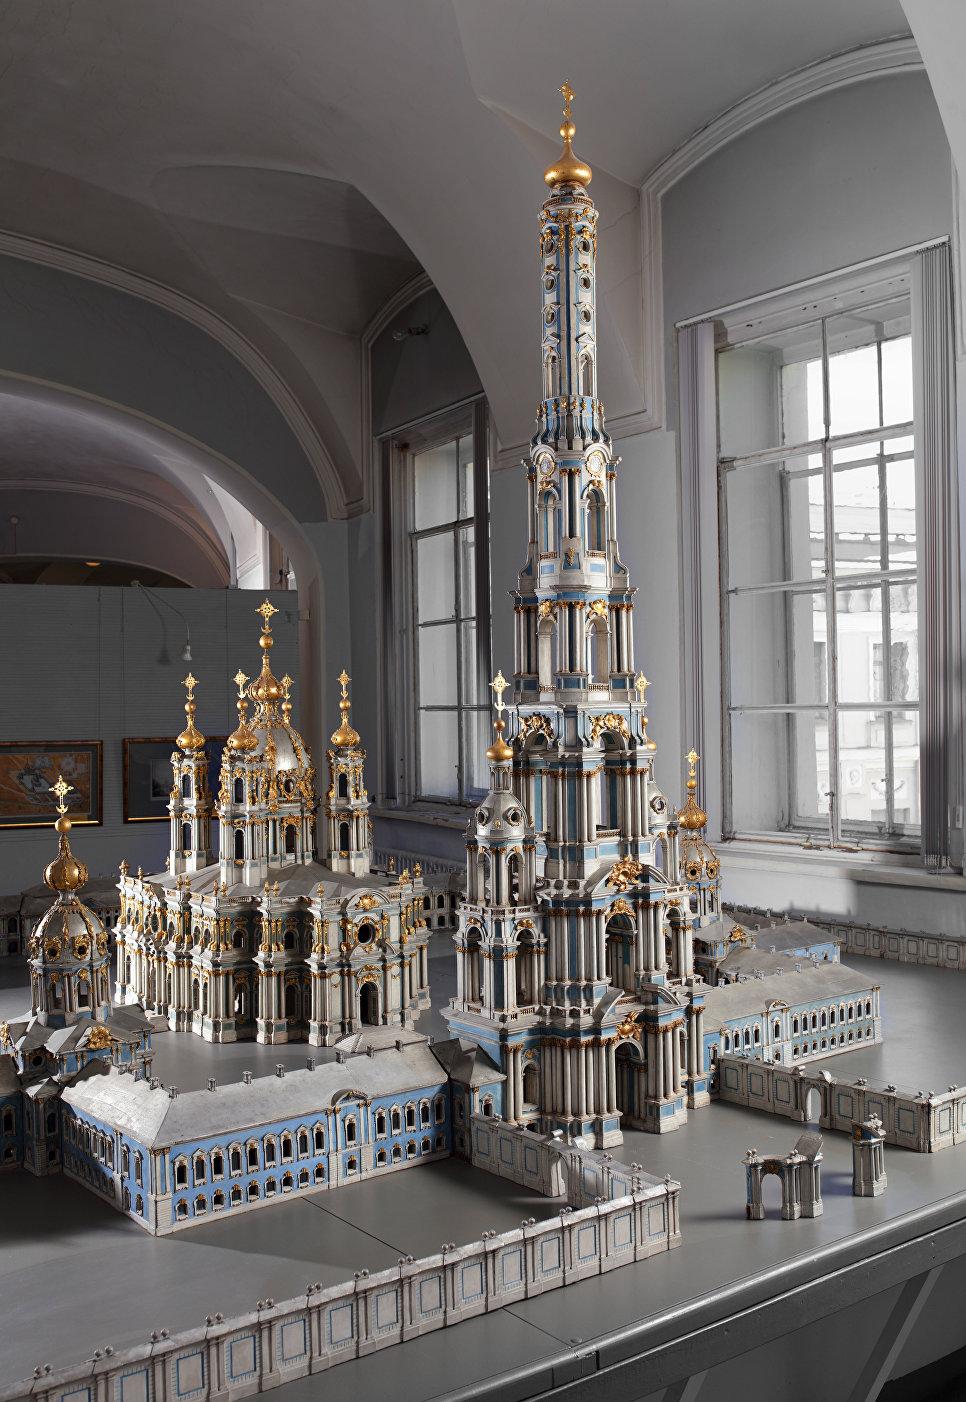 Изначальный макет колокольни Растрелли в музее, расположенном в здании Петербургской Академии художеств